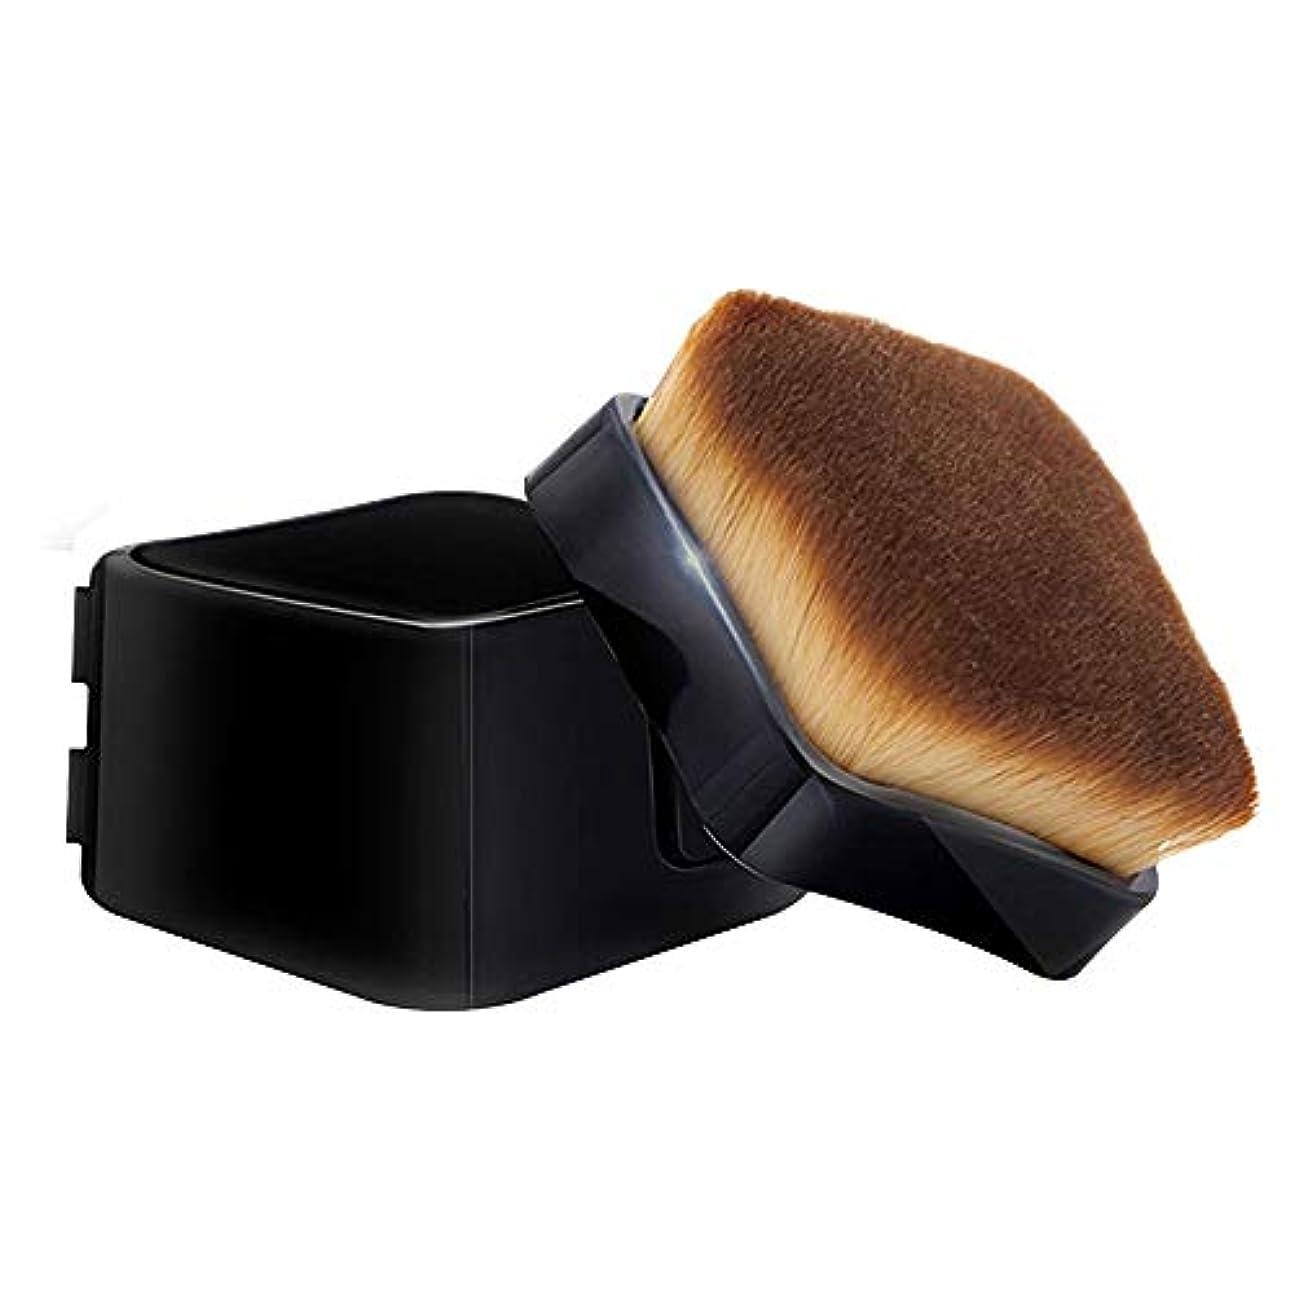 ギャラリー圧縮目指すEsubara メイクブラシ ファンデーションブラシ 化粧筆 フェイスブラシ 柔らかい毛